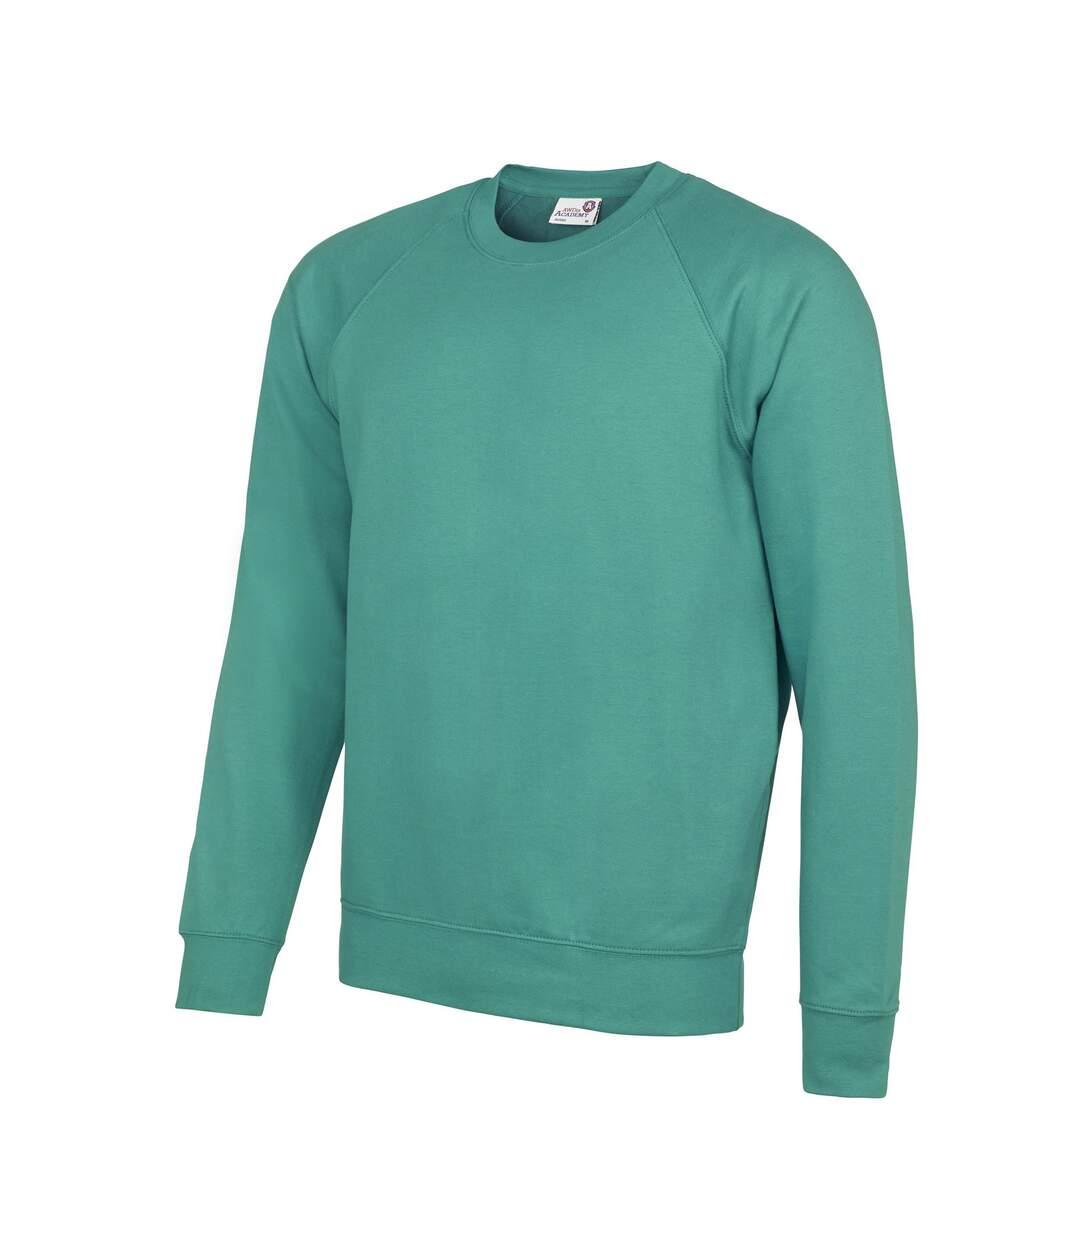 AWDis Academy Mens Crew Neck Raglan Sweatshirt (Charcoal) - UTRW3916